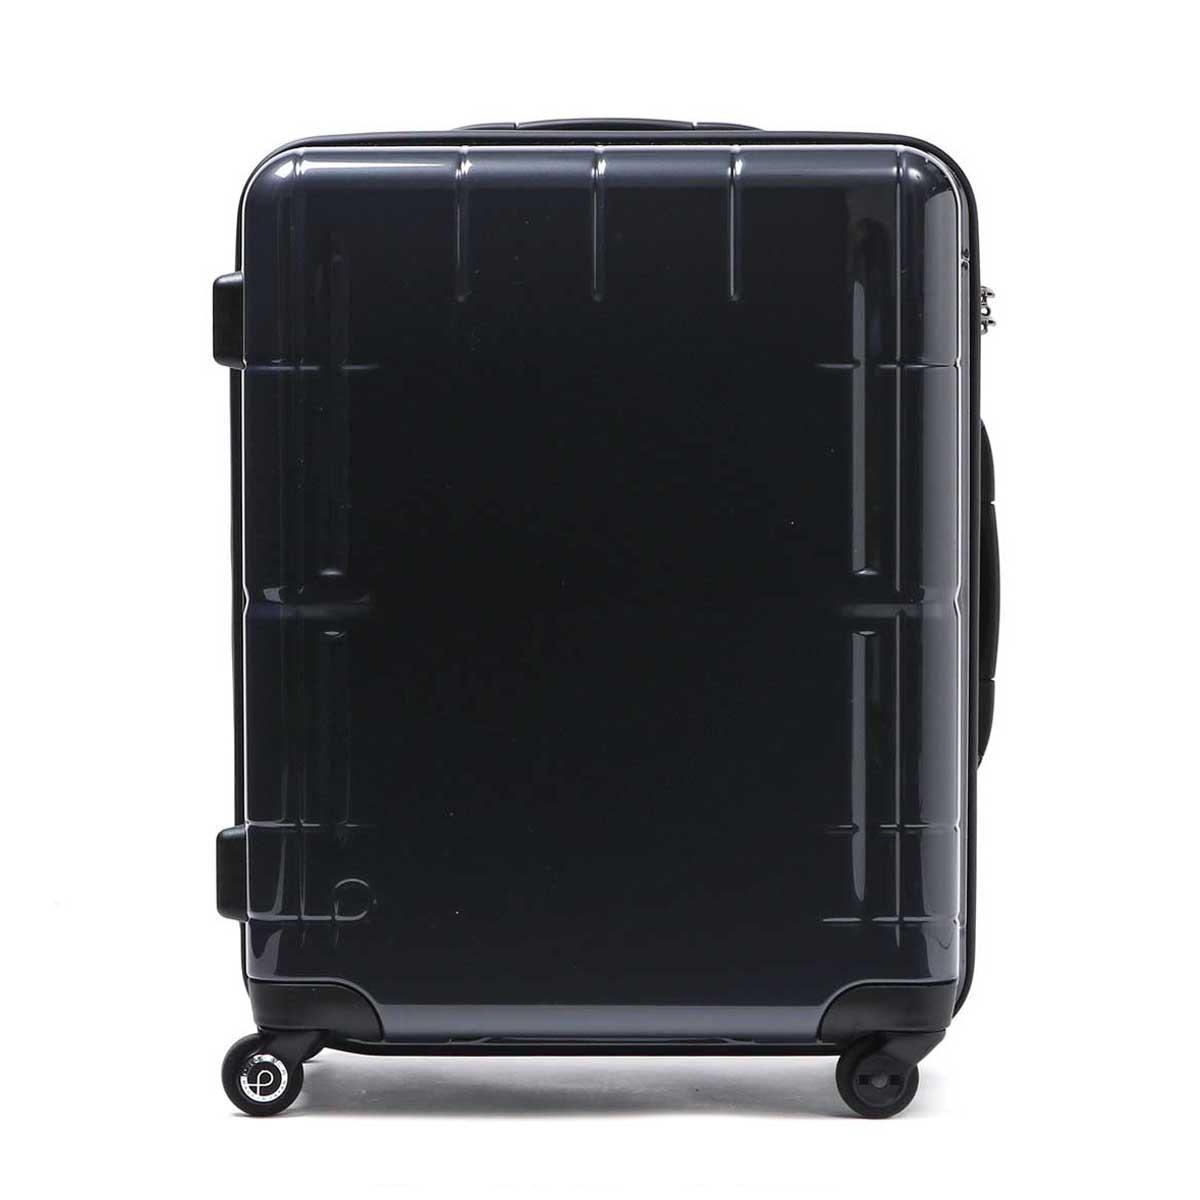 「3年保証」プロテカ スーツケース PROTeCA プロテカ スーツケース スタリア ブイ STARIA V 66L Mサイズ 軽量 TSAロック 5〜6泊程度 4輪 ファスナー キャリーケース 旅行カバン 旅行バッグ エース ACE 02643